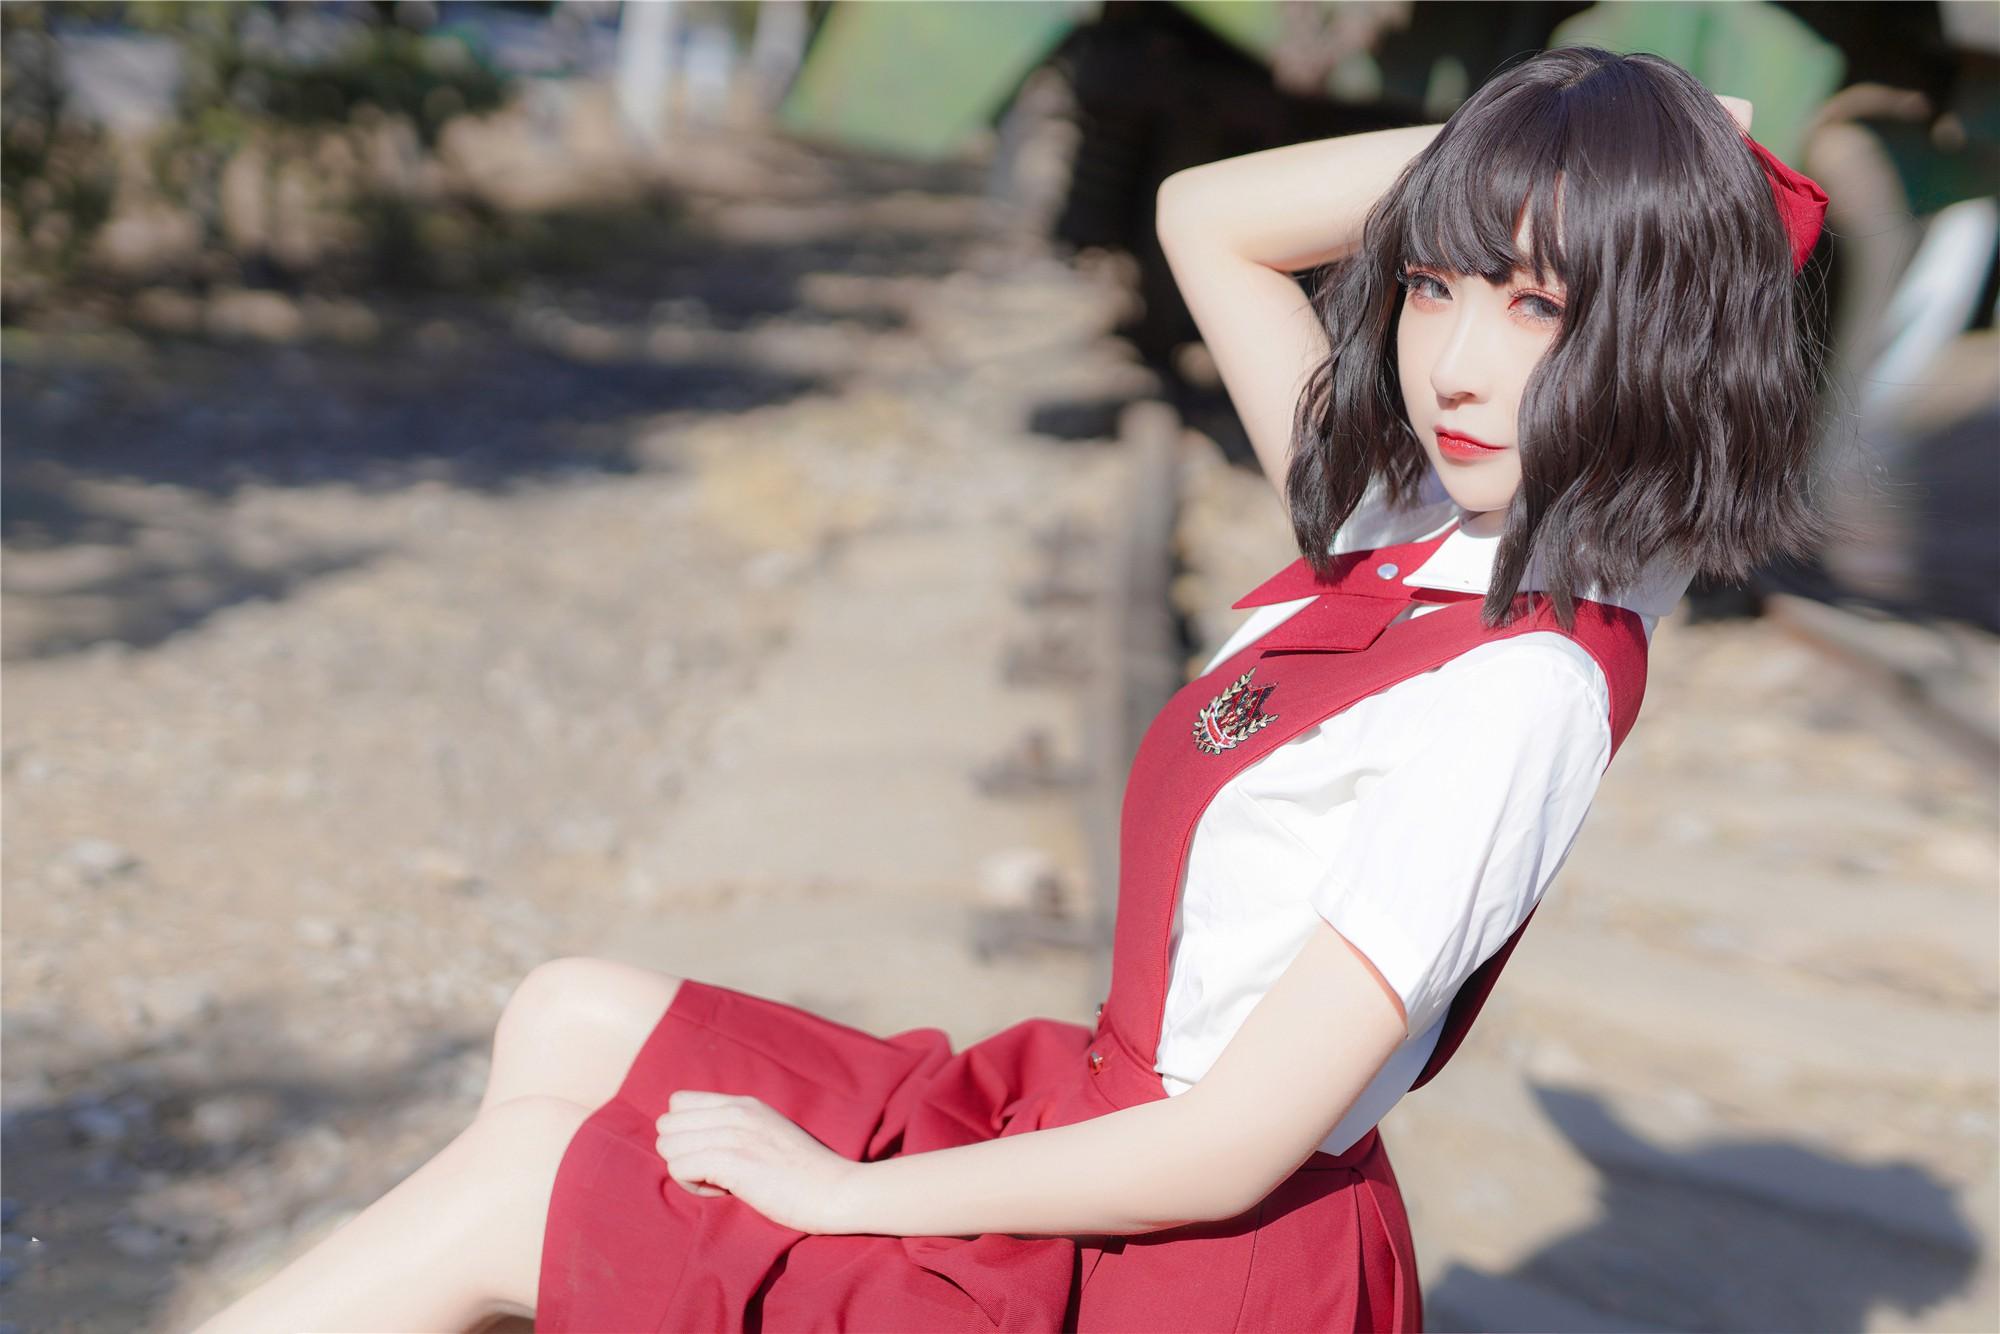 JK制服美女写真系列,腿细的女孩子你喜不喜欢